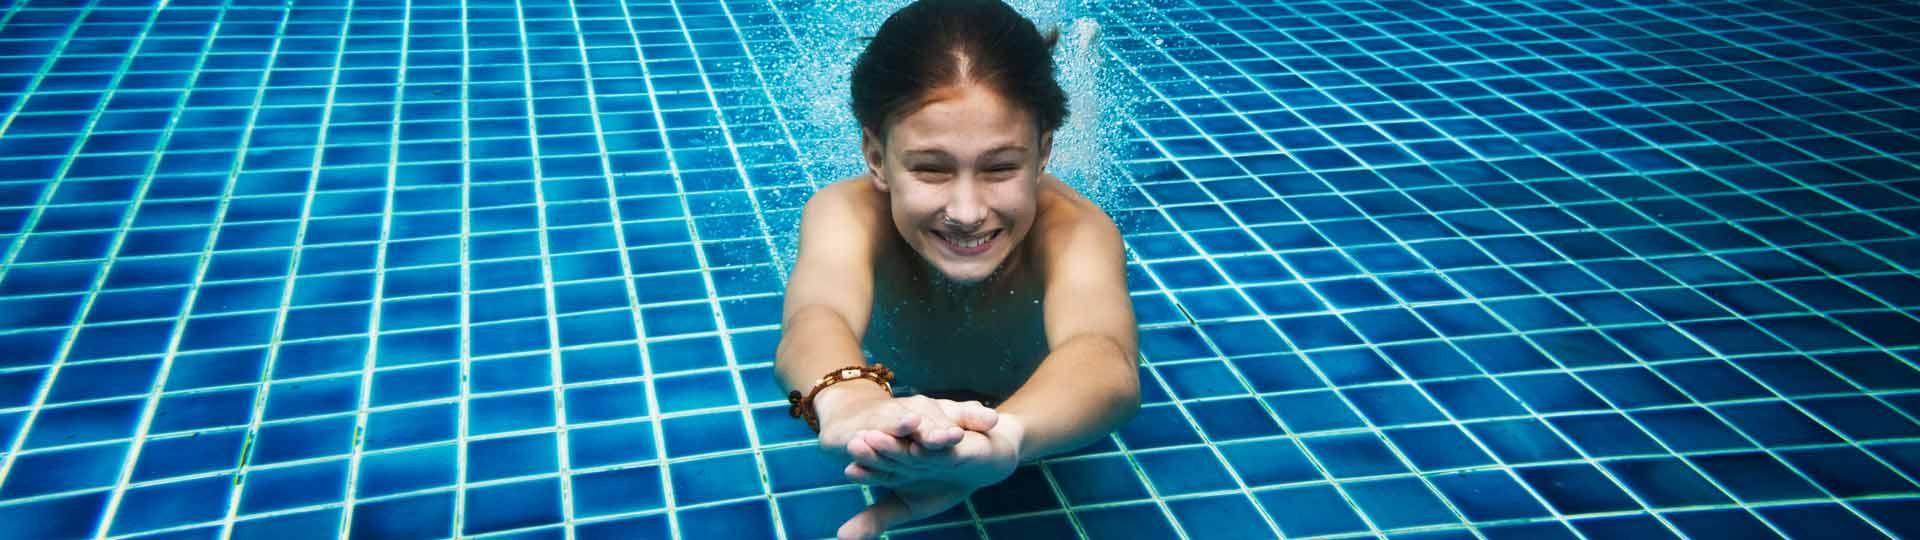 Consejos para evitar accidentes en la piscina con los niños